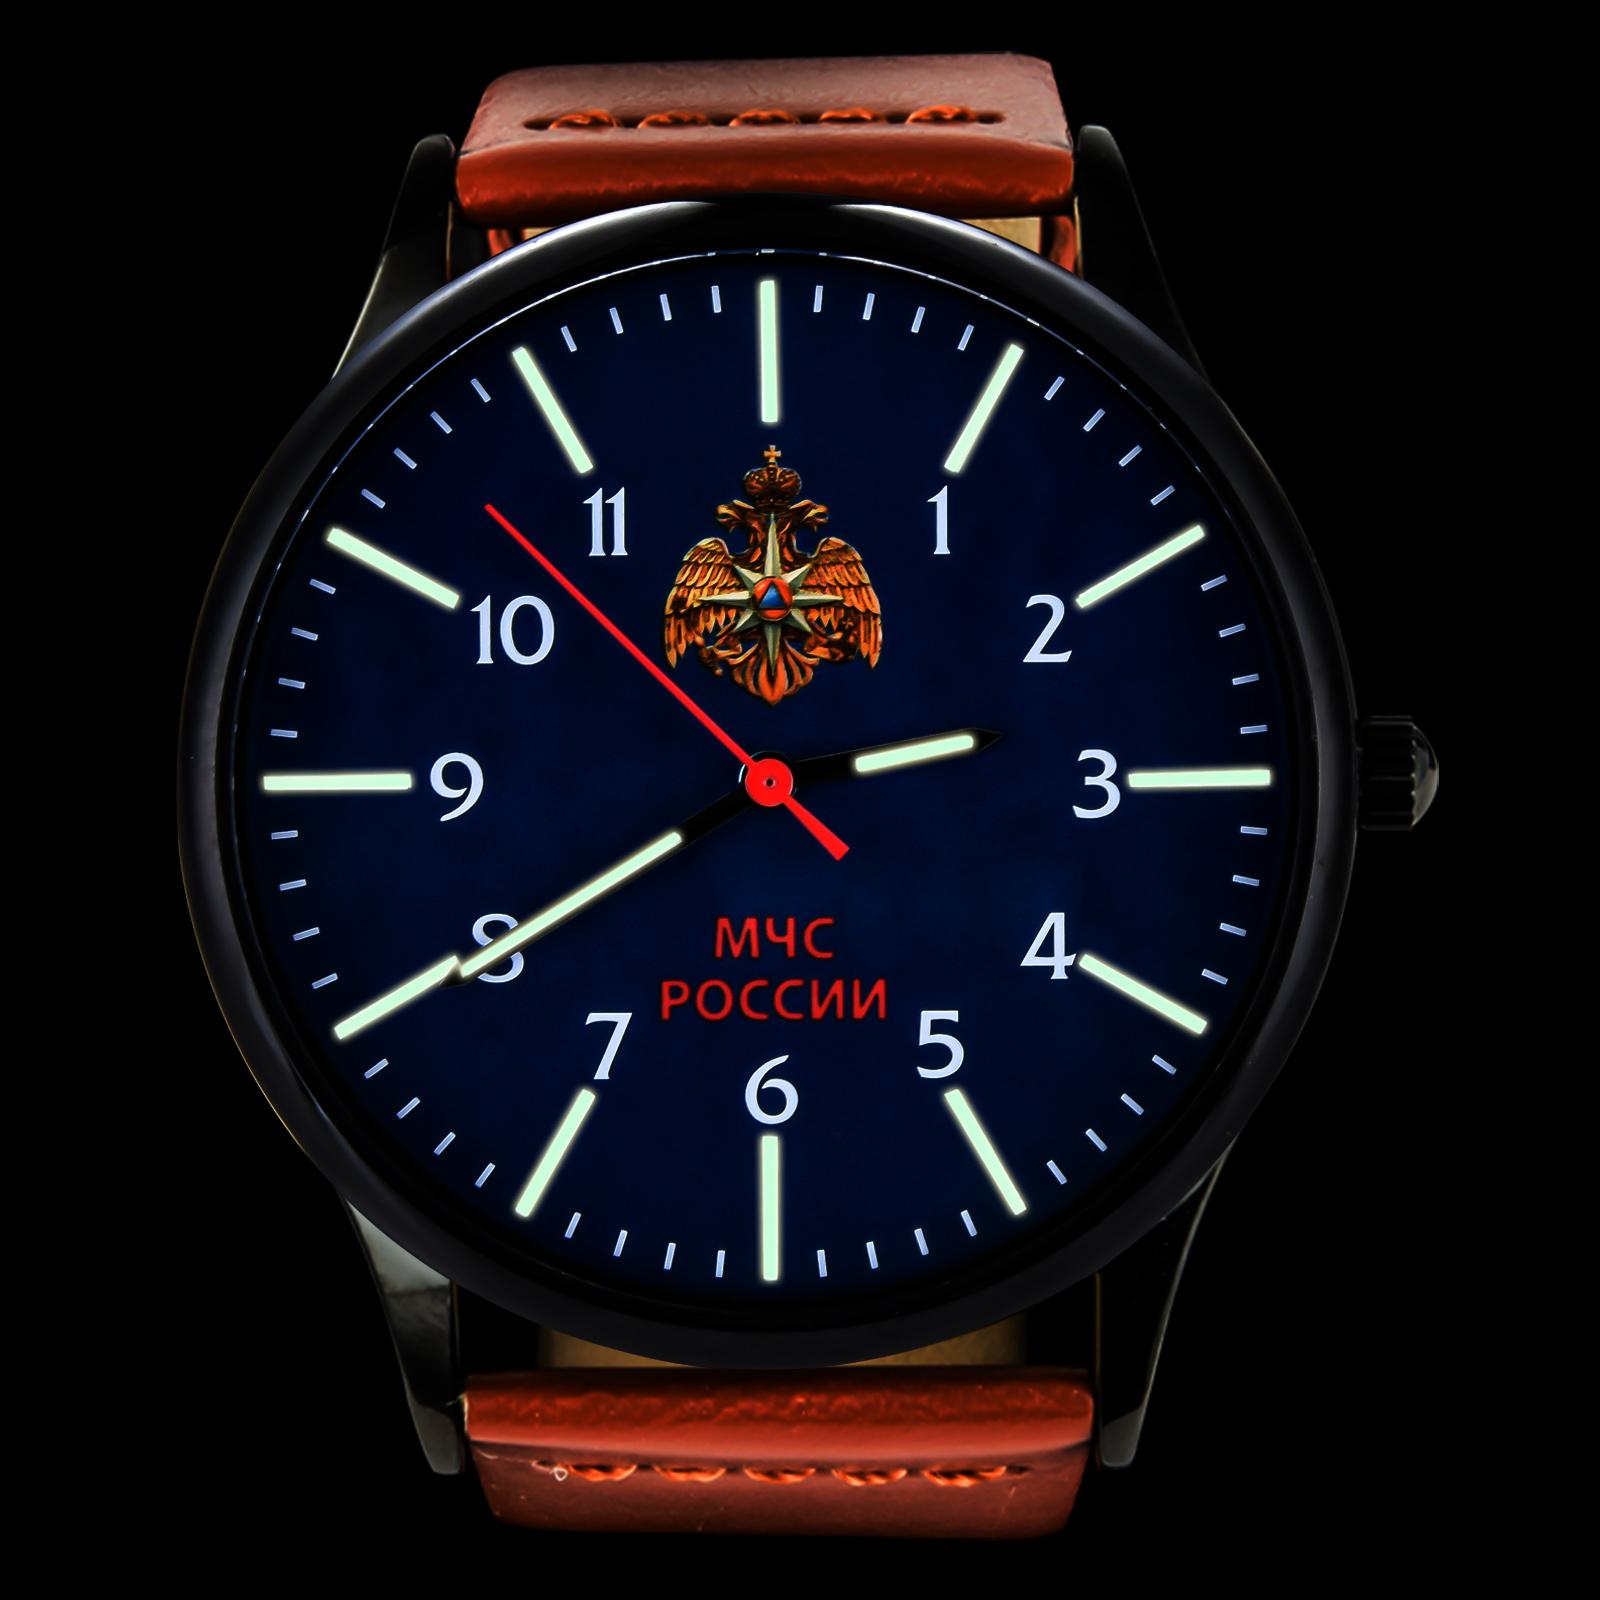 Командирские часы МЧС России